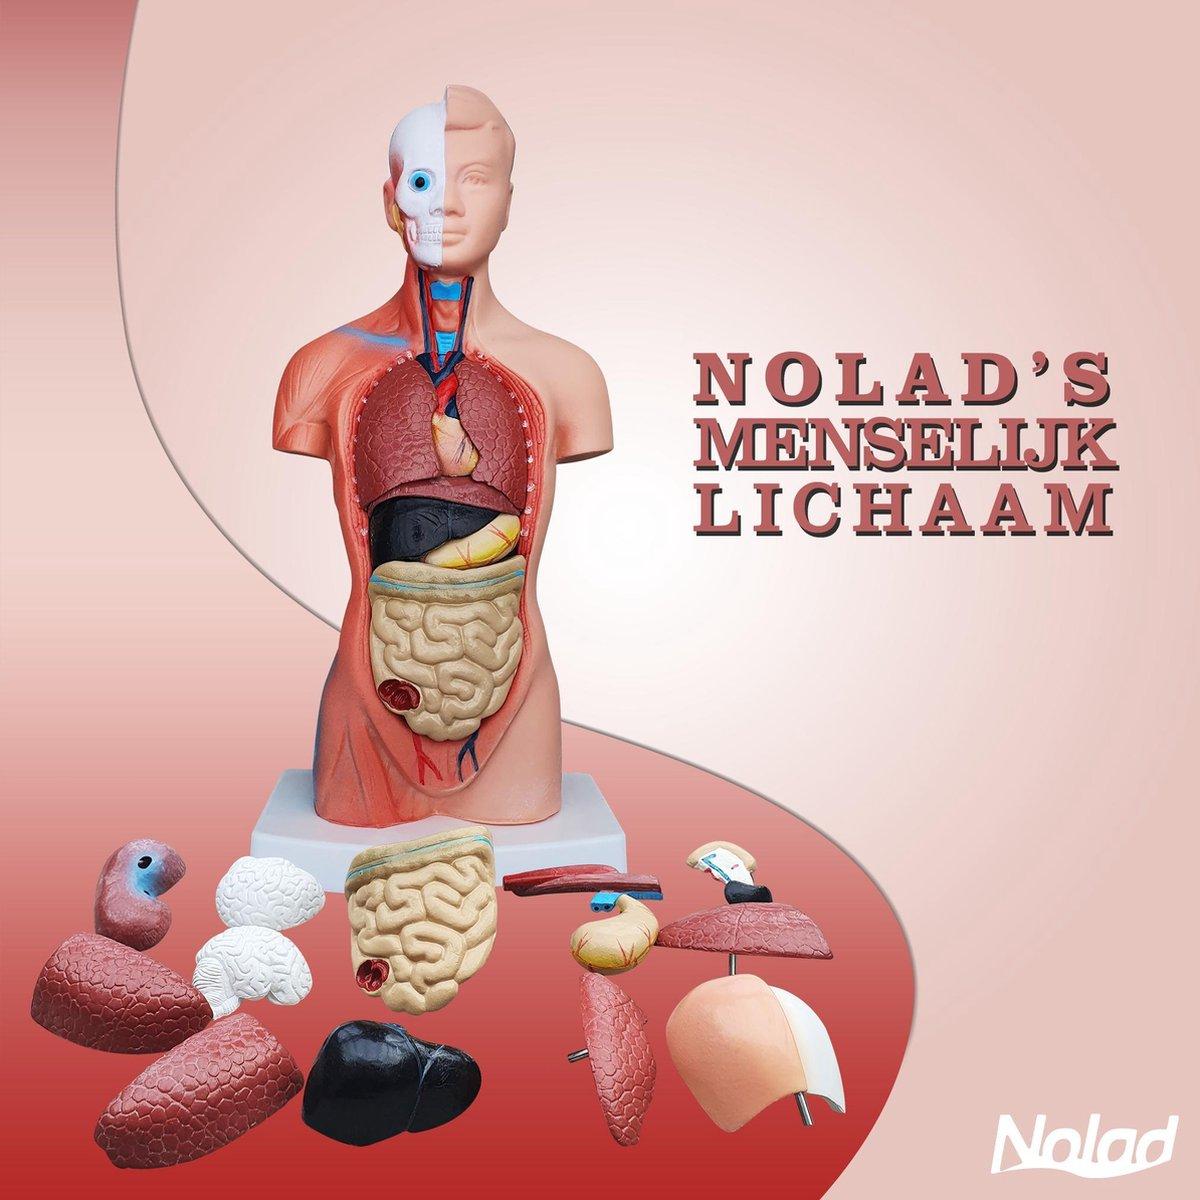 Nolad® Torso menselijk lichaam met uitneembare organen - Anatomie model torso met organen 15-delig - Anatomisch model - 42 cm hoog